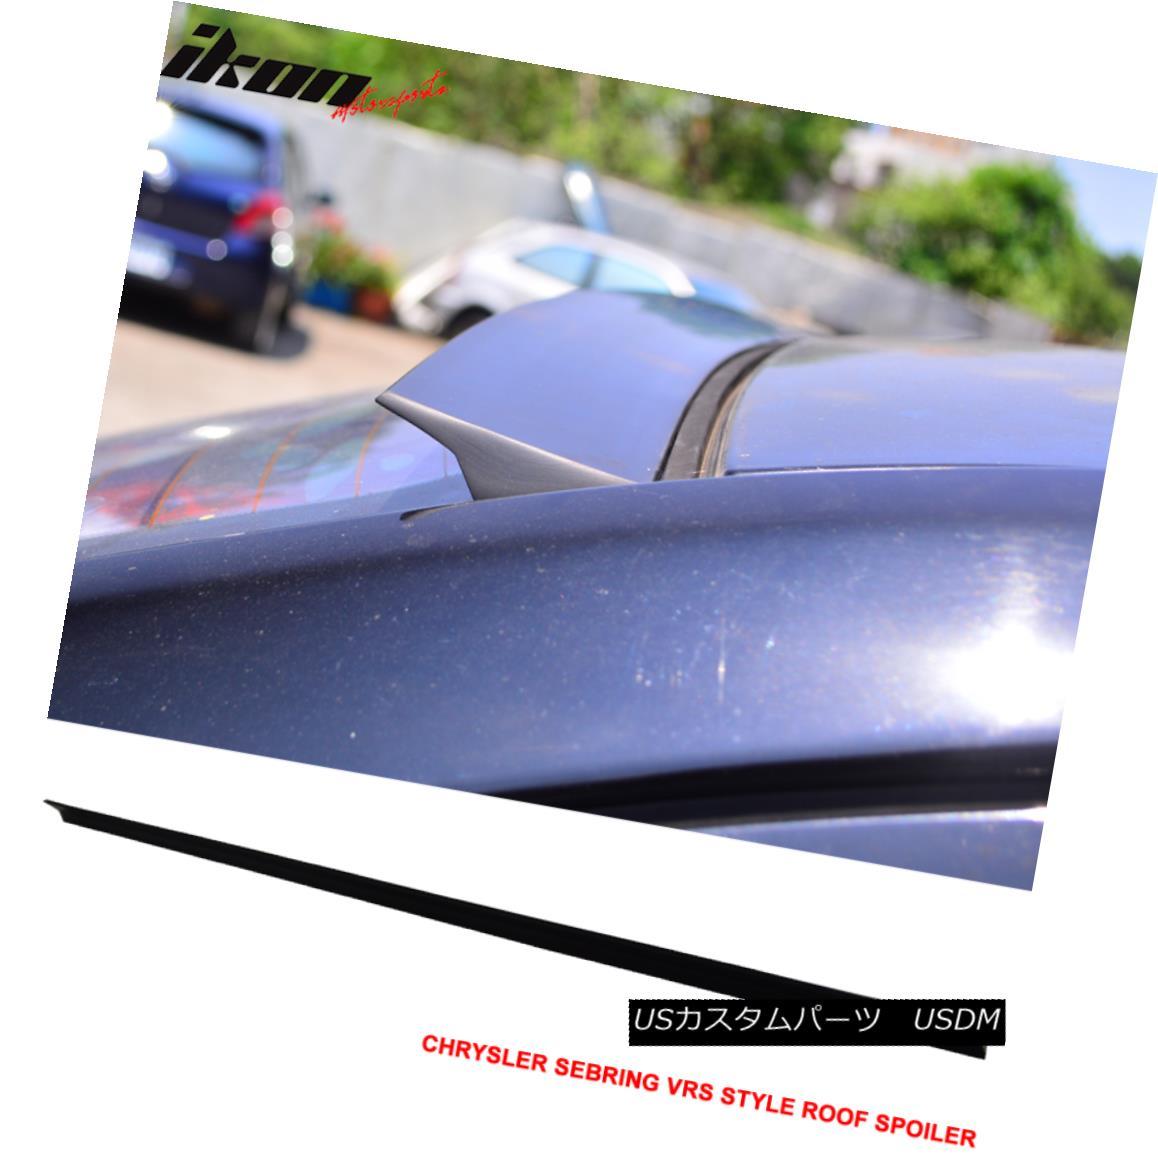 エアロパーツ 07-10 Chrysler Sebring 4Dr 3rd VRS Roof Spoiler Unpainted Black - PUF 07-10クライスラーセブリング4Dr第3回VRSルーフスポイラー無塗装ブラック - PUF